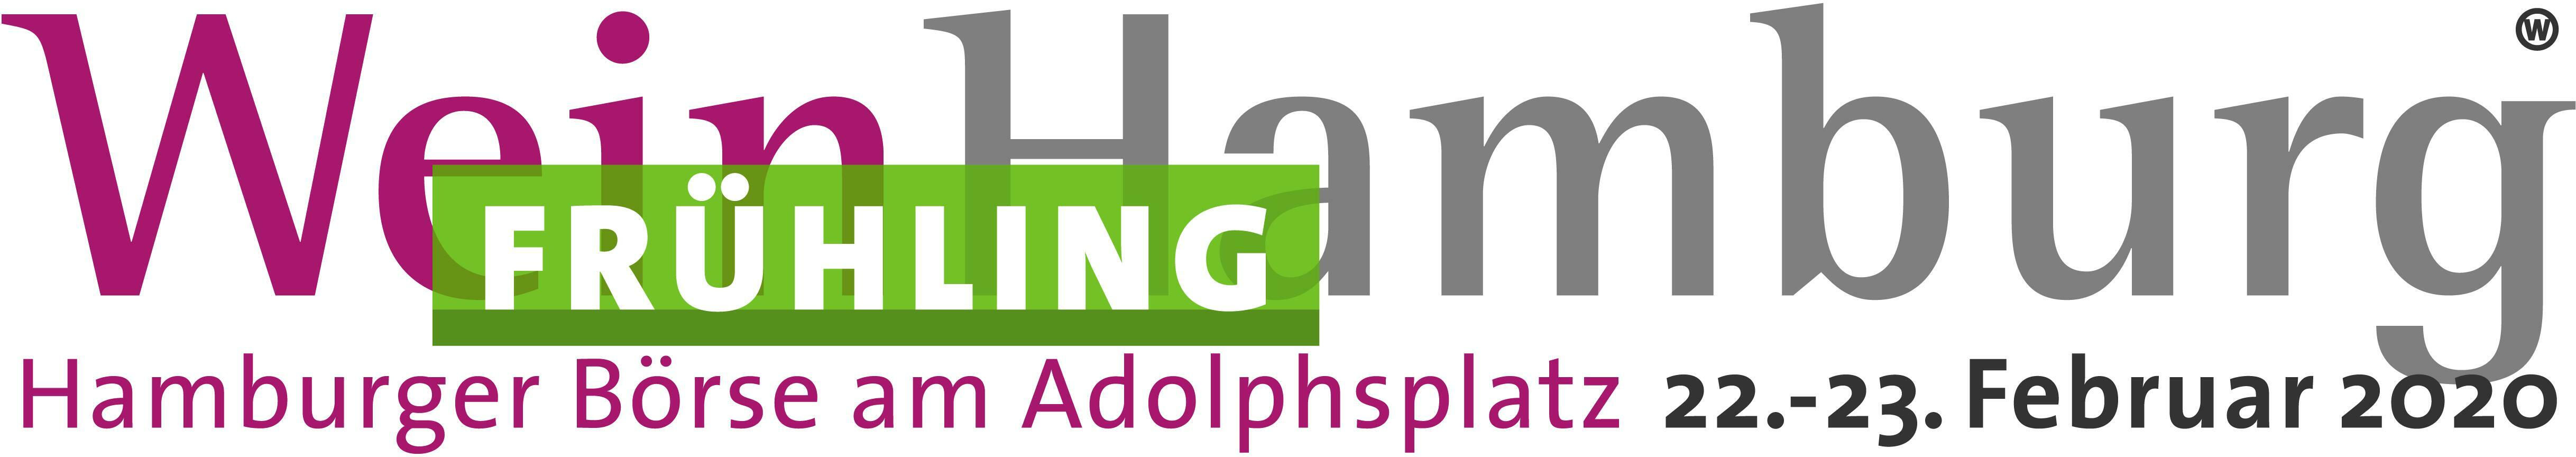 Banner der WeinHamburg Frühling 2020